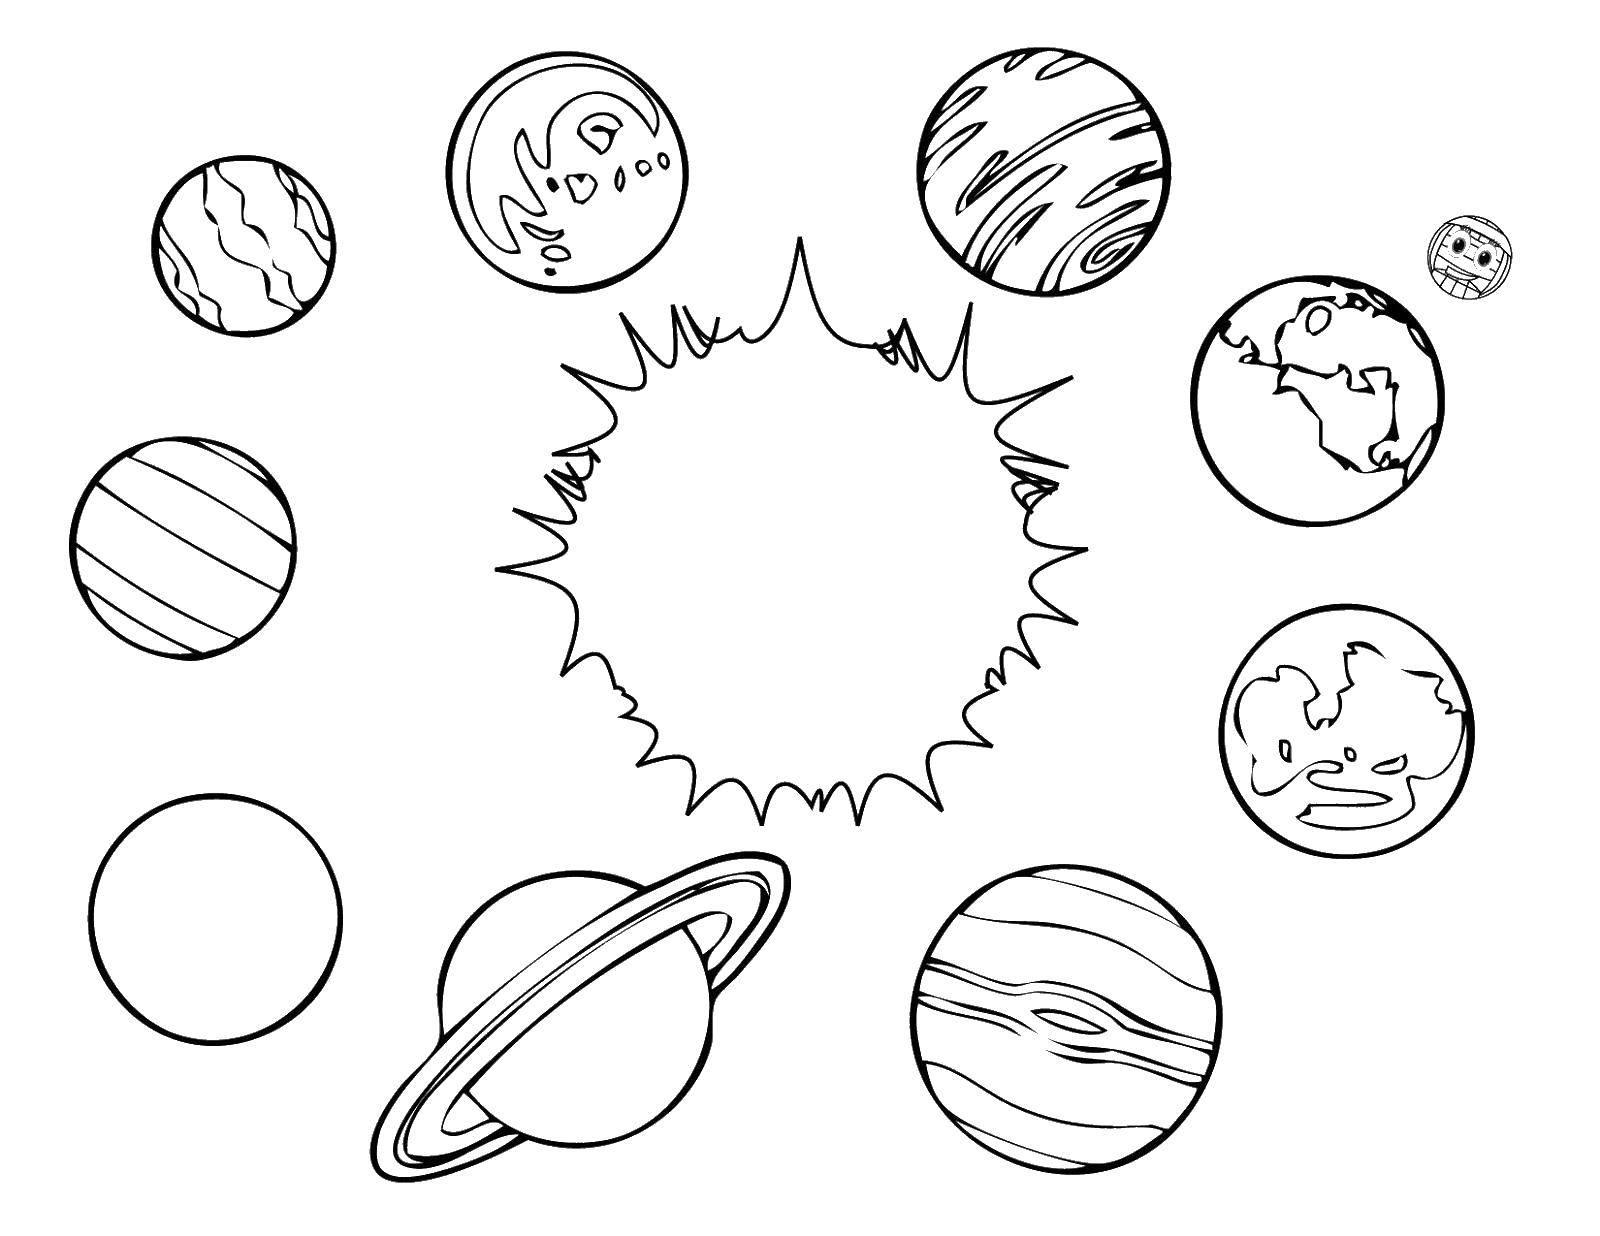 Раскраски планеты, Раскраска Солнце и планеты космос.